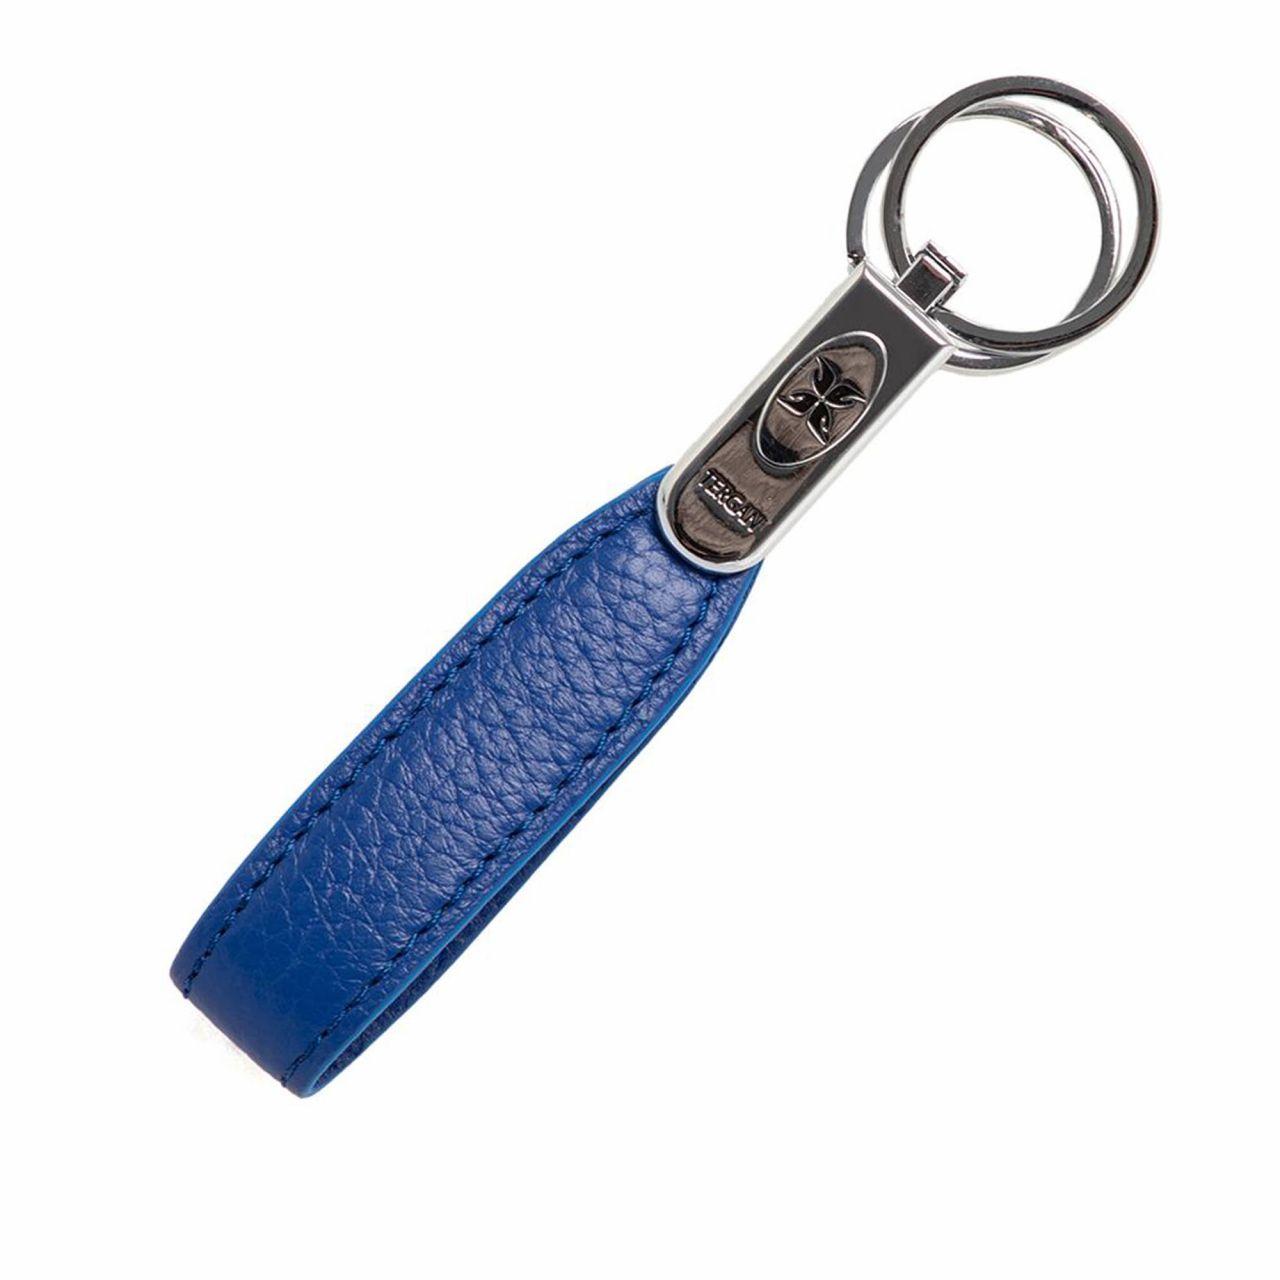 Дамски ключодържател в екстравагантно синьо